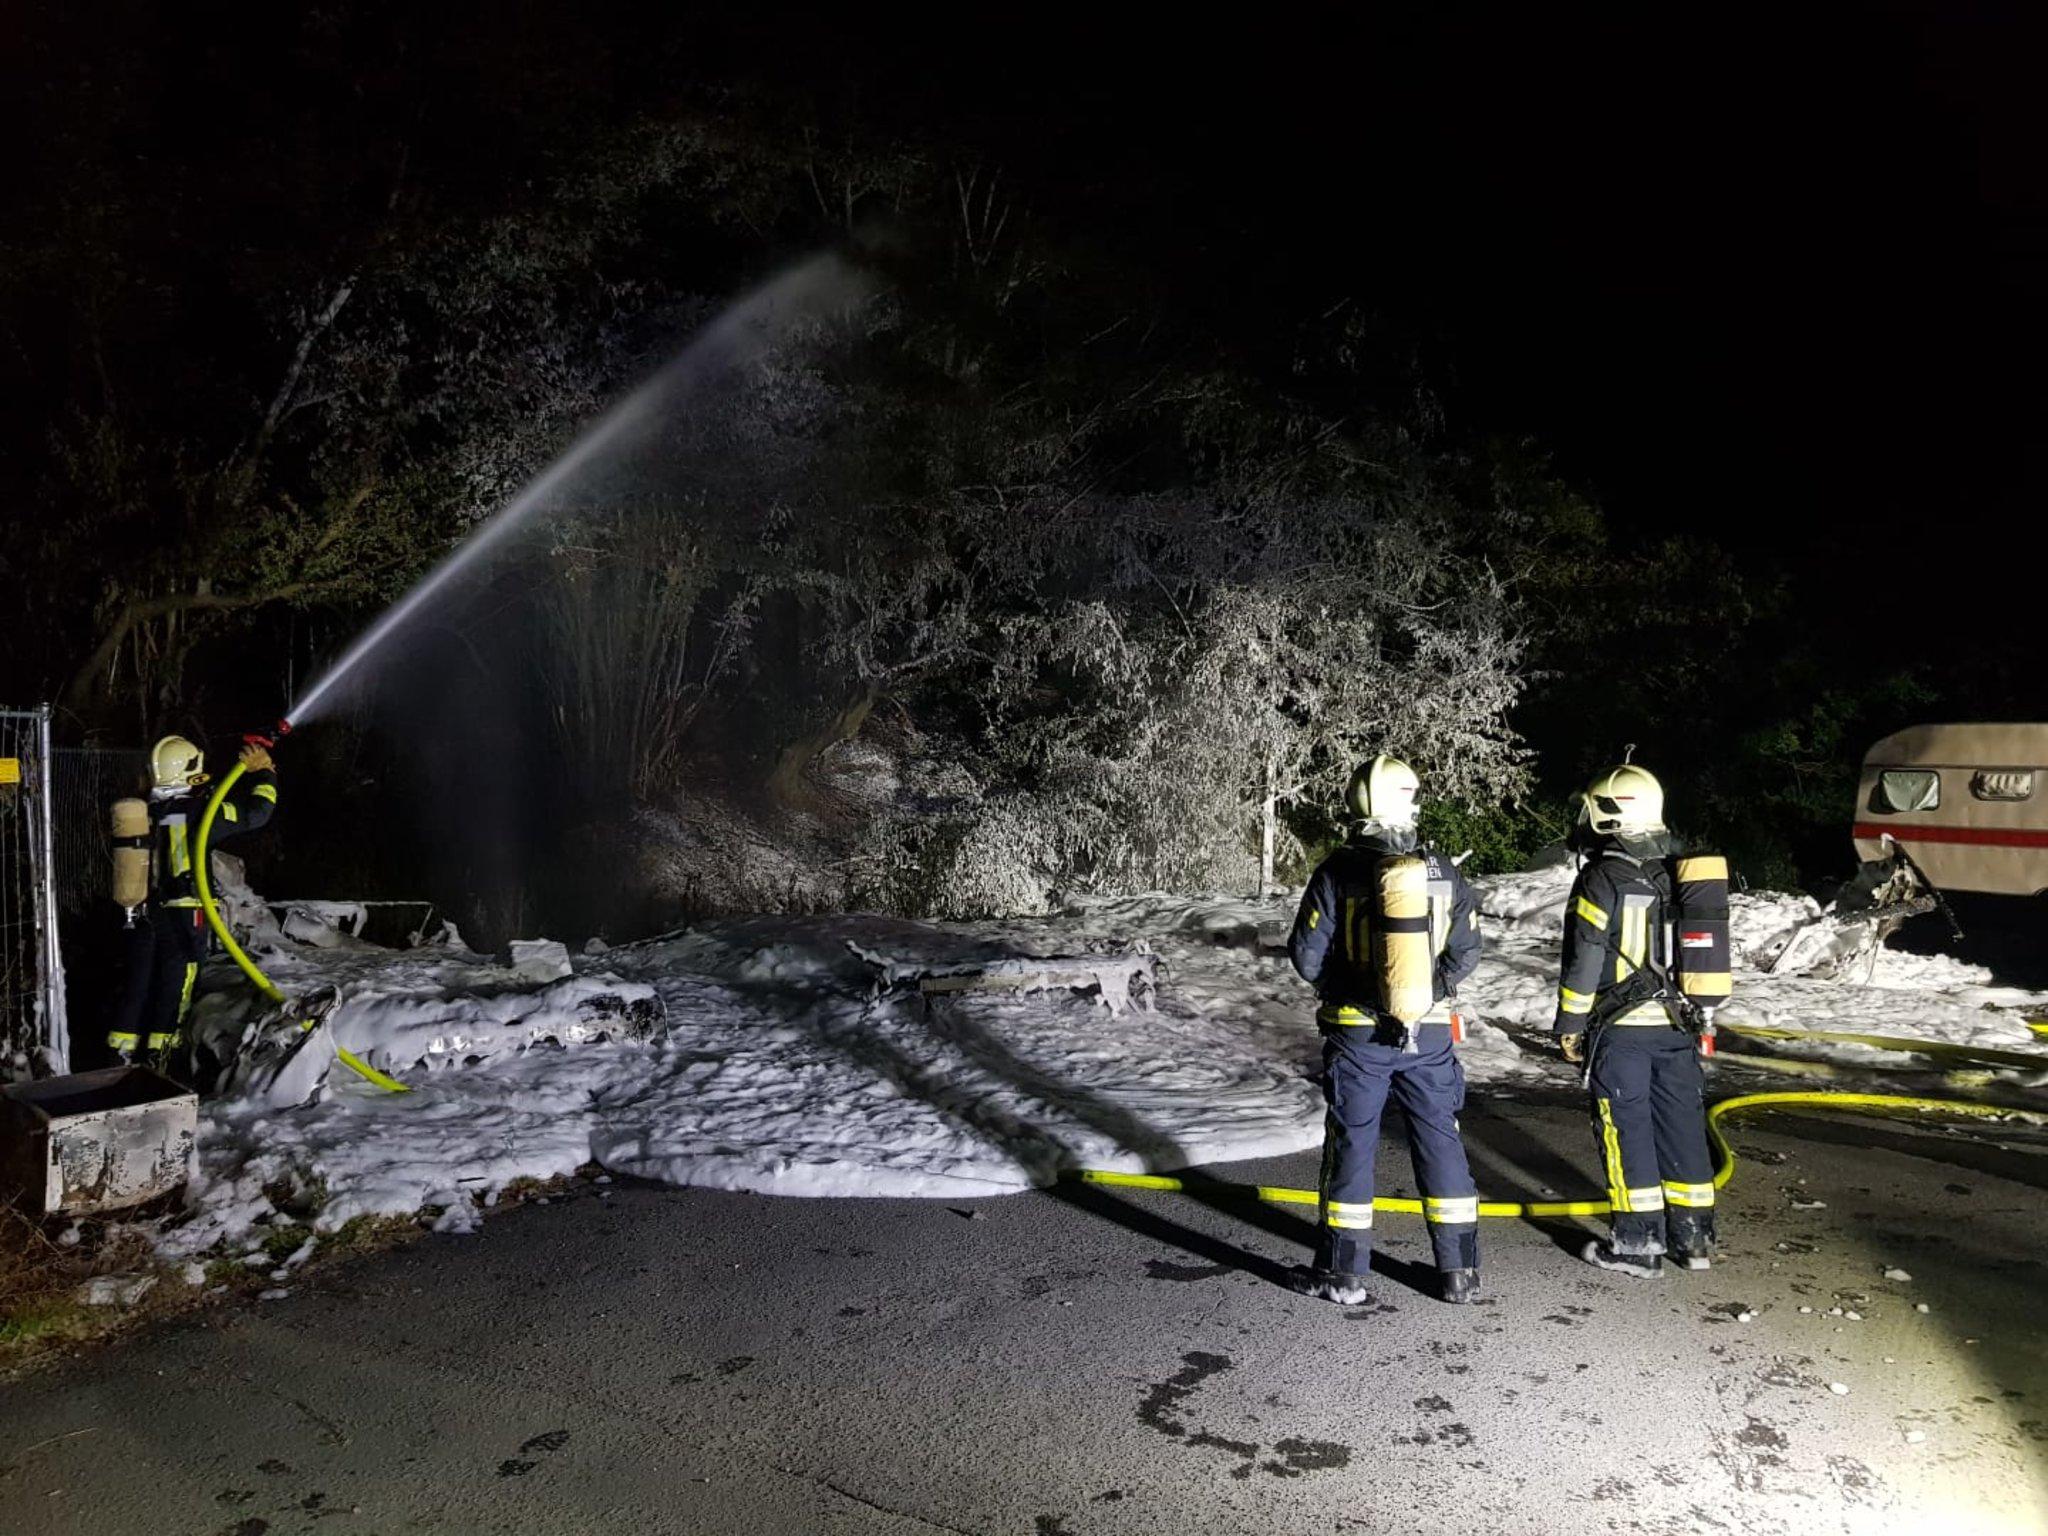 Wohnwagen brannten in voller Ausdehnung.: Mehrerer